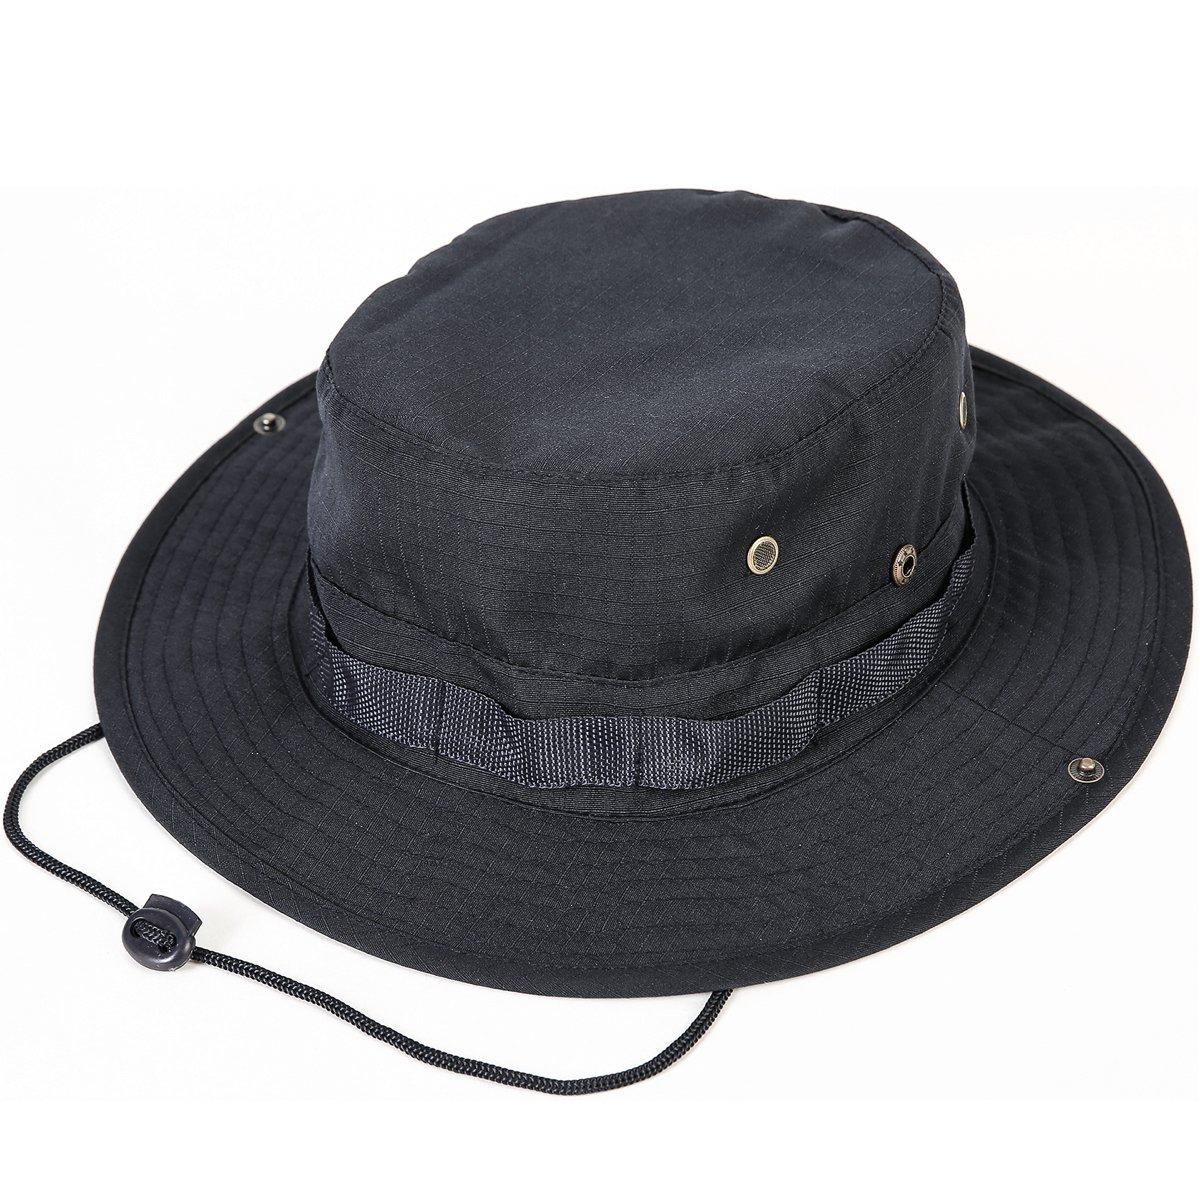 Unisex Militar Sombrero - Tela de algodón y poliéster suave superior ... 528791c8ac3